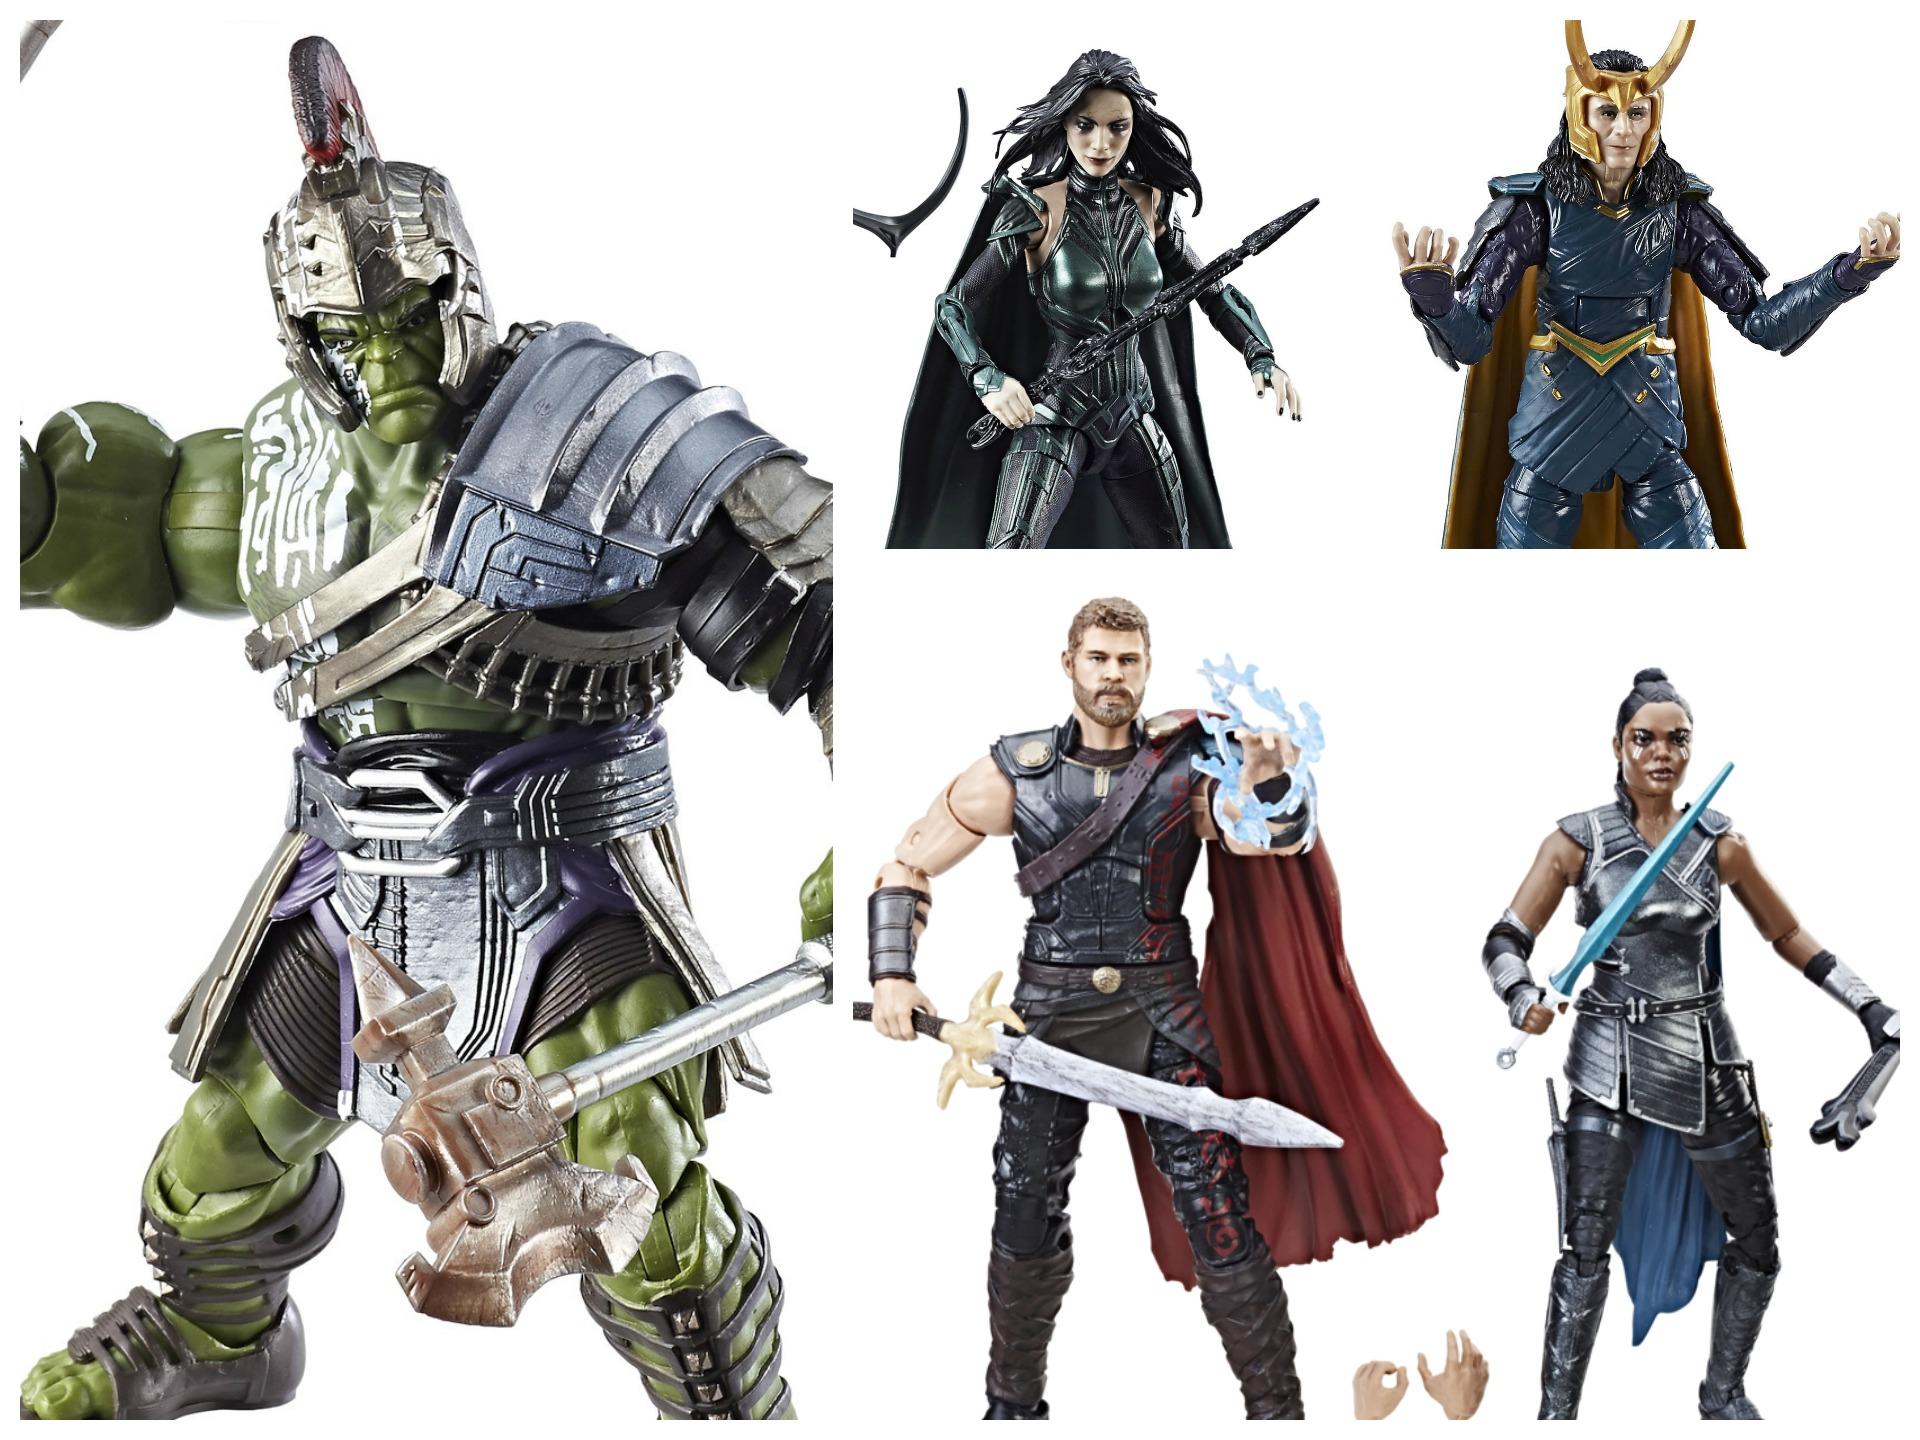 Best Wallpaper Marvel Valkyrie - Marvel-Thor-Ragnarok-Hulk-Hela-Loki-Thor-Valkyrie-reveals  Trends_1163100.jpg